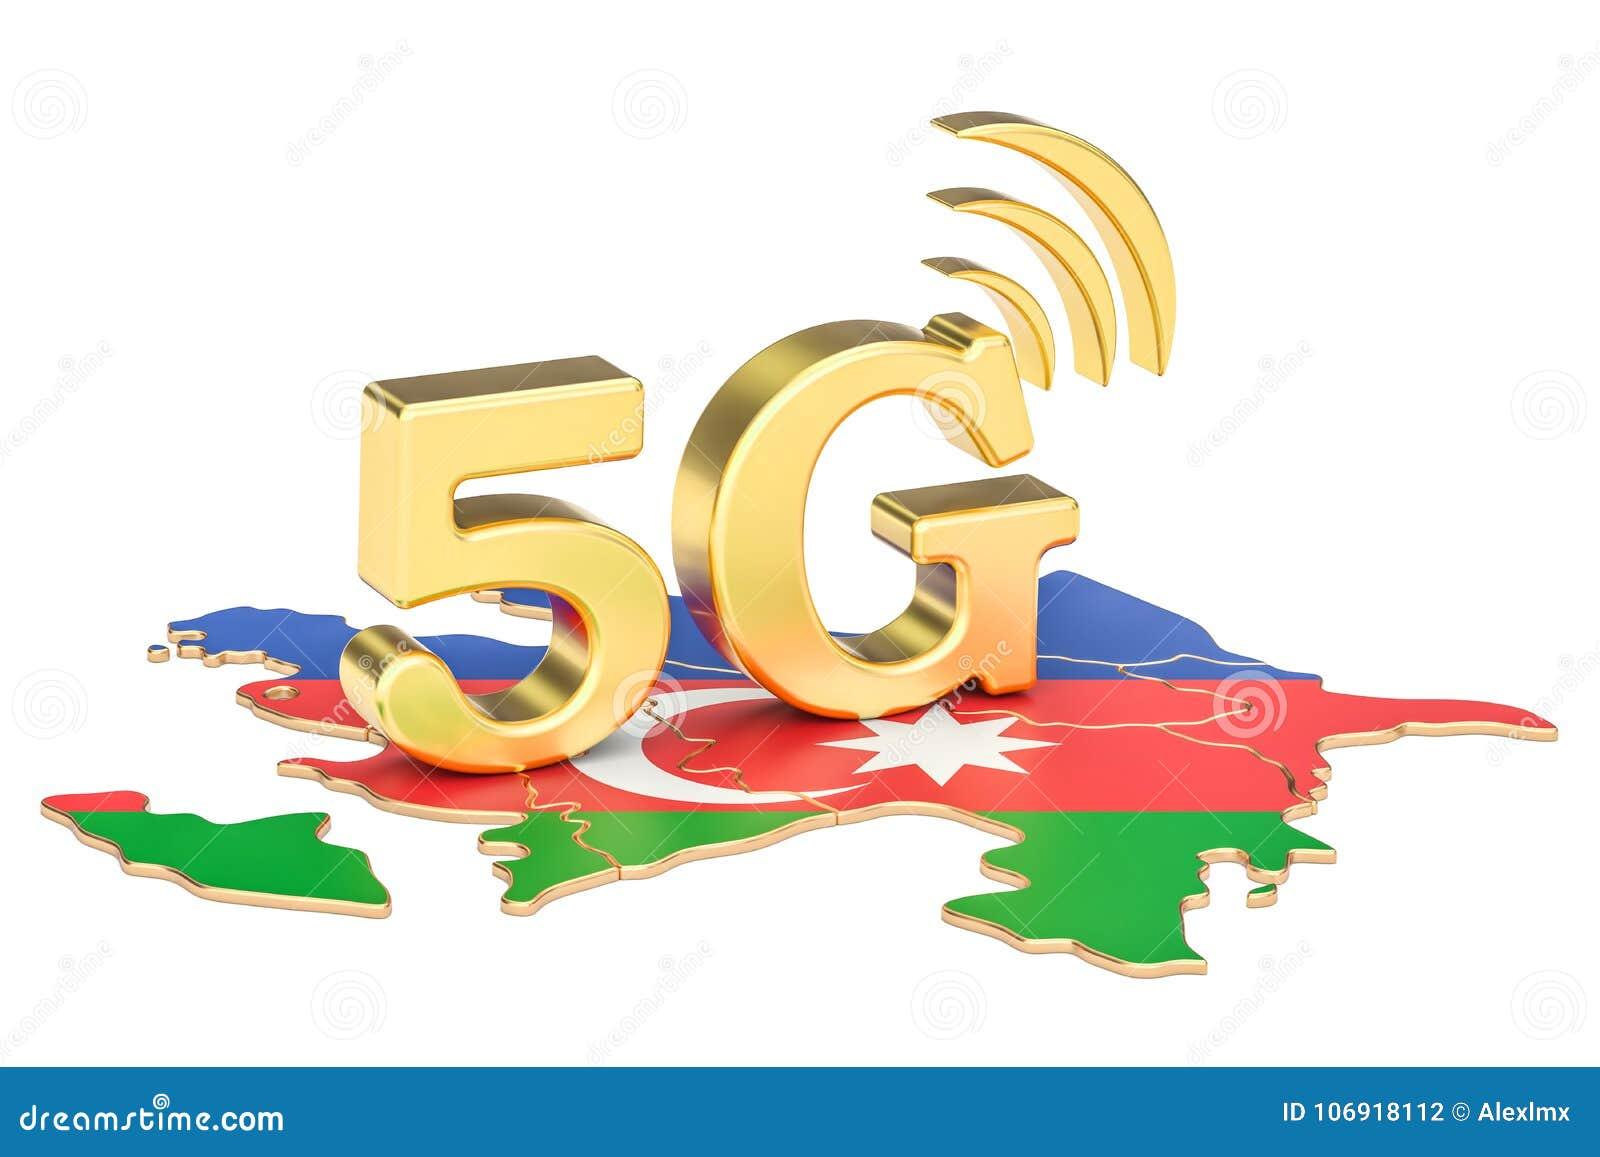 5G w Azerbejdżan pojęciu, 3D rendering